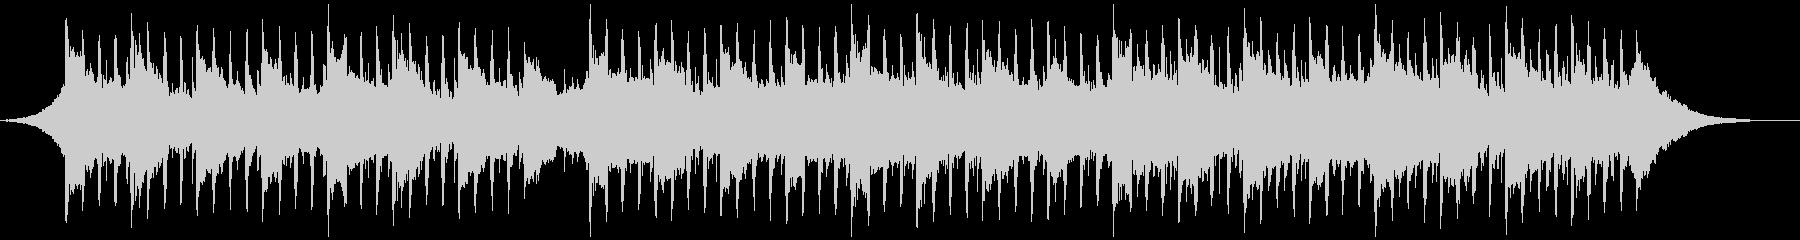 ソフトインタビュー(60秒)の未再生の波形